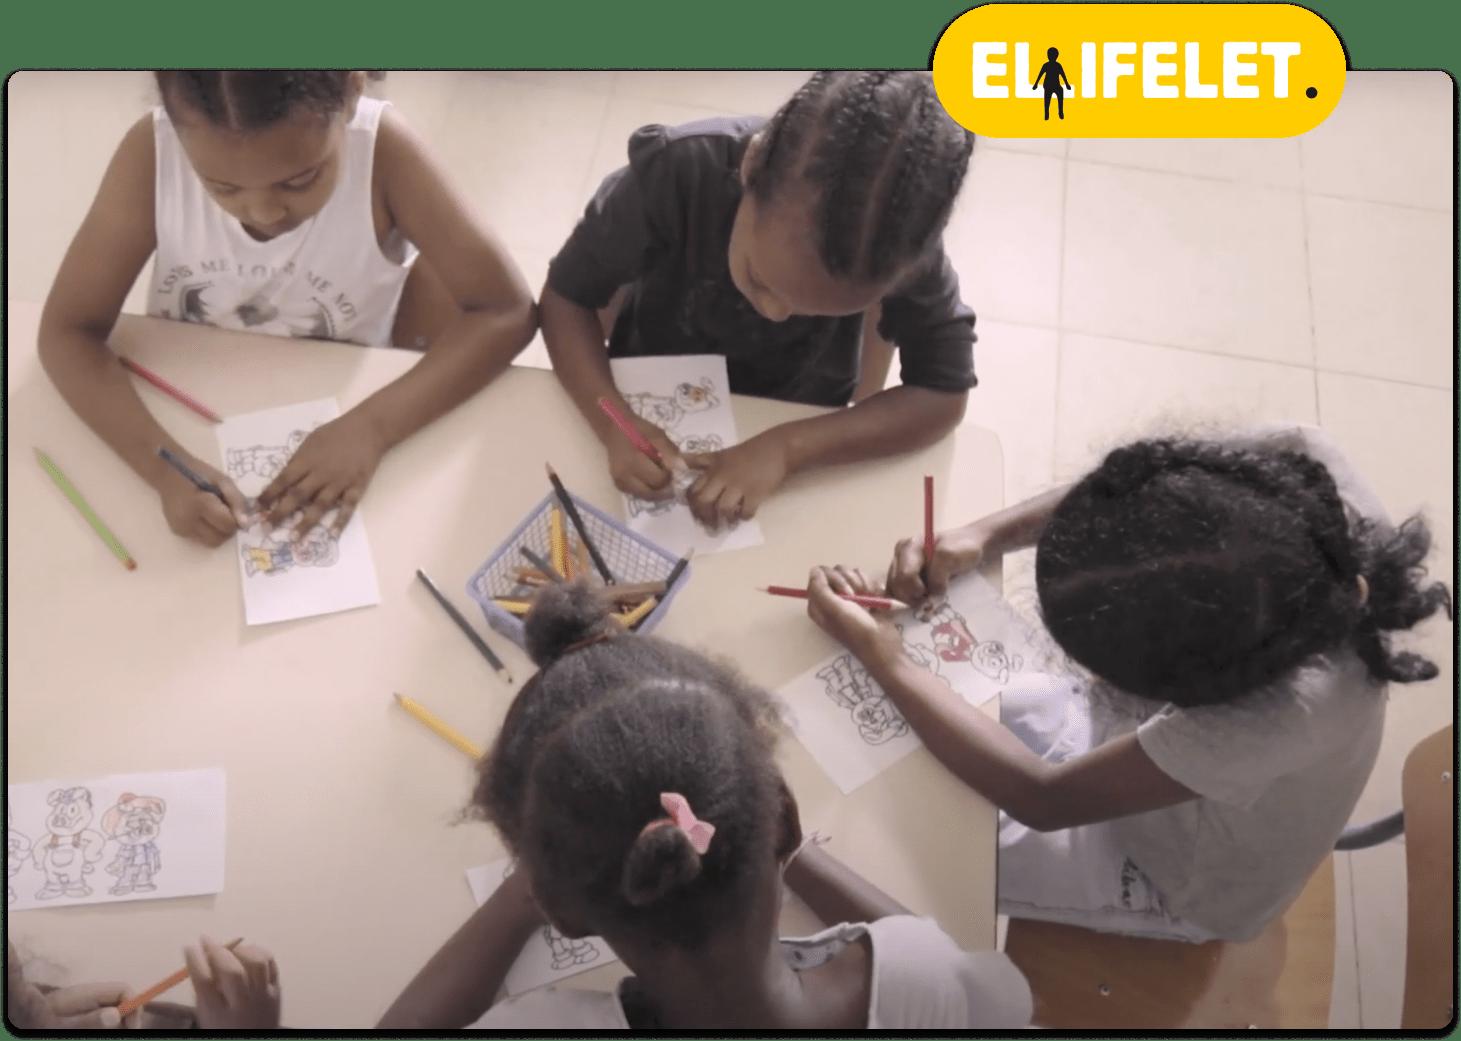 Elifelet for Refugee Children